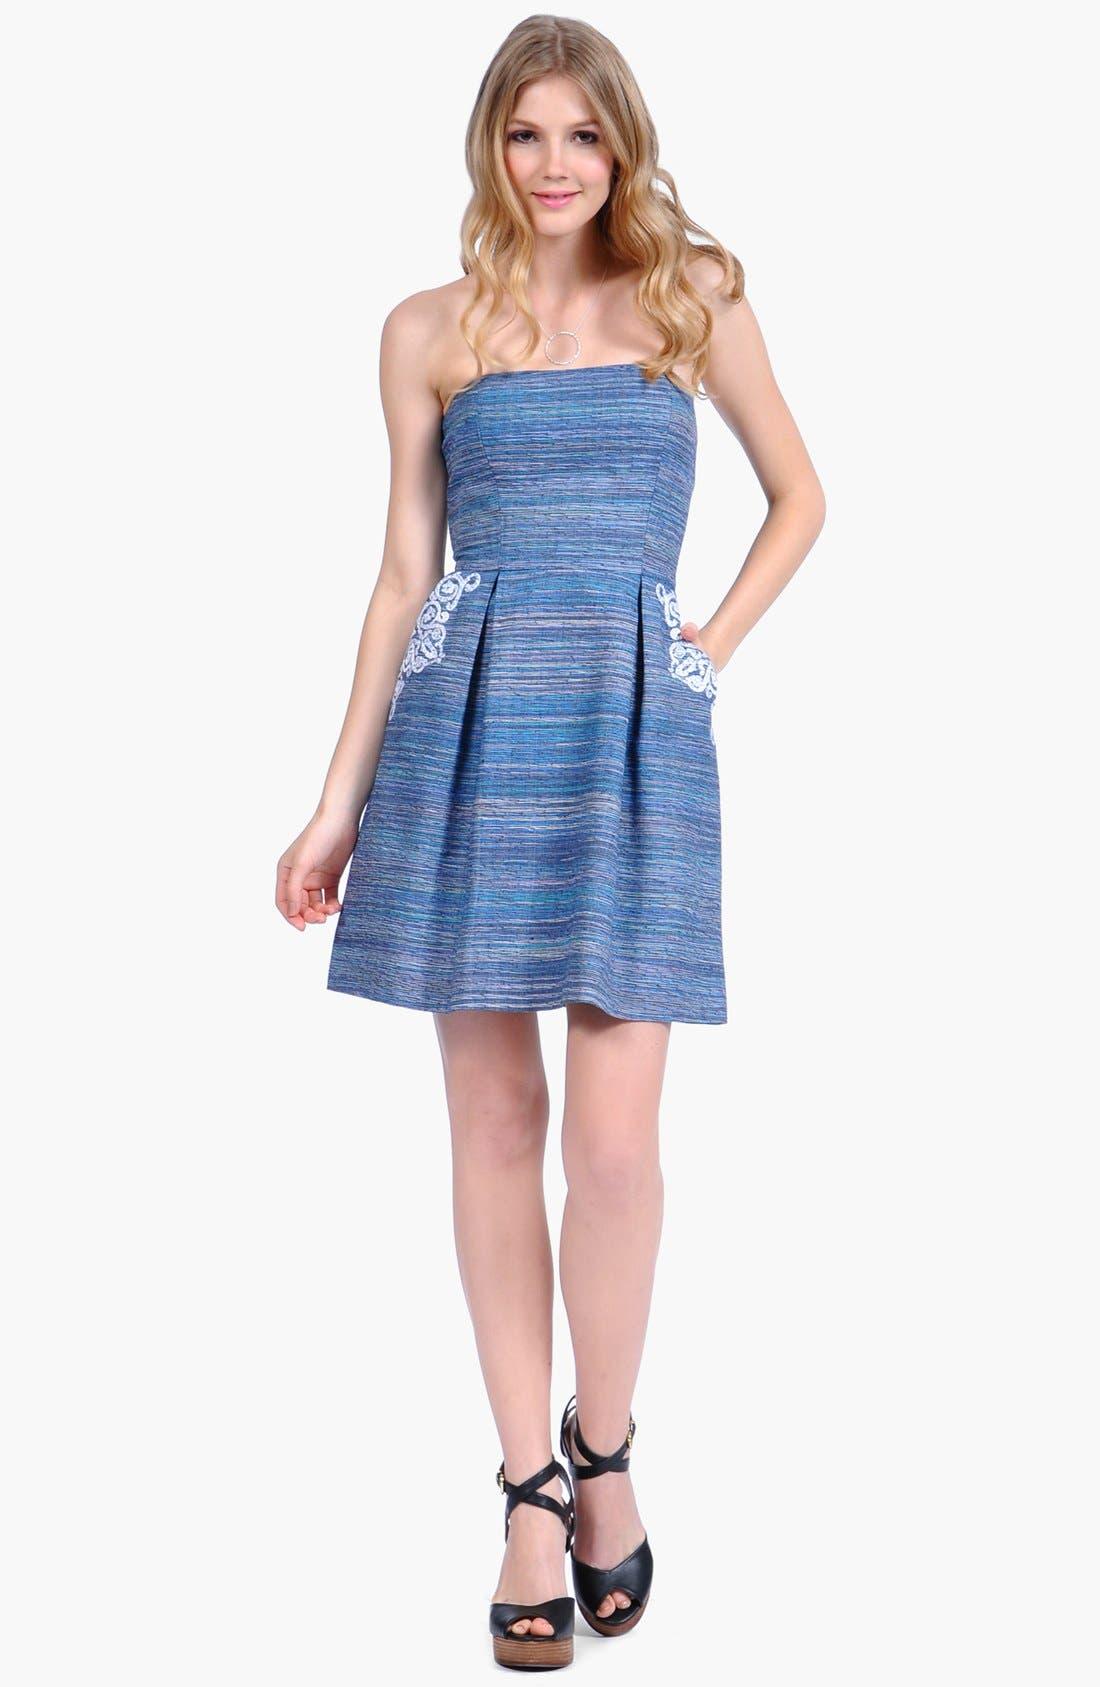 Main Image - Phoebe Couture Lace Appliqué Fit & Flare Dress